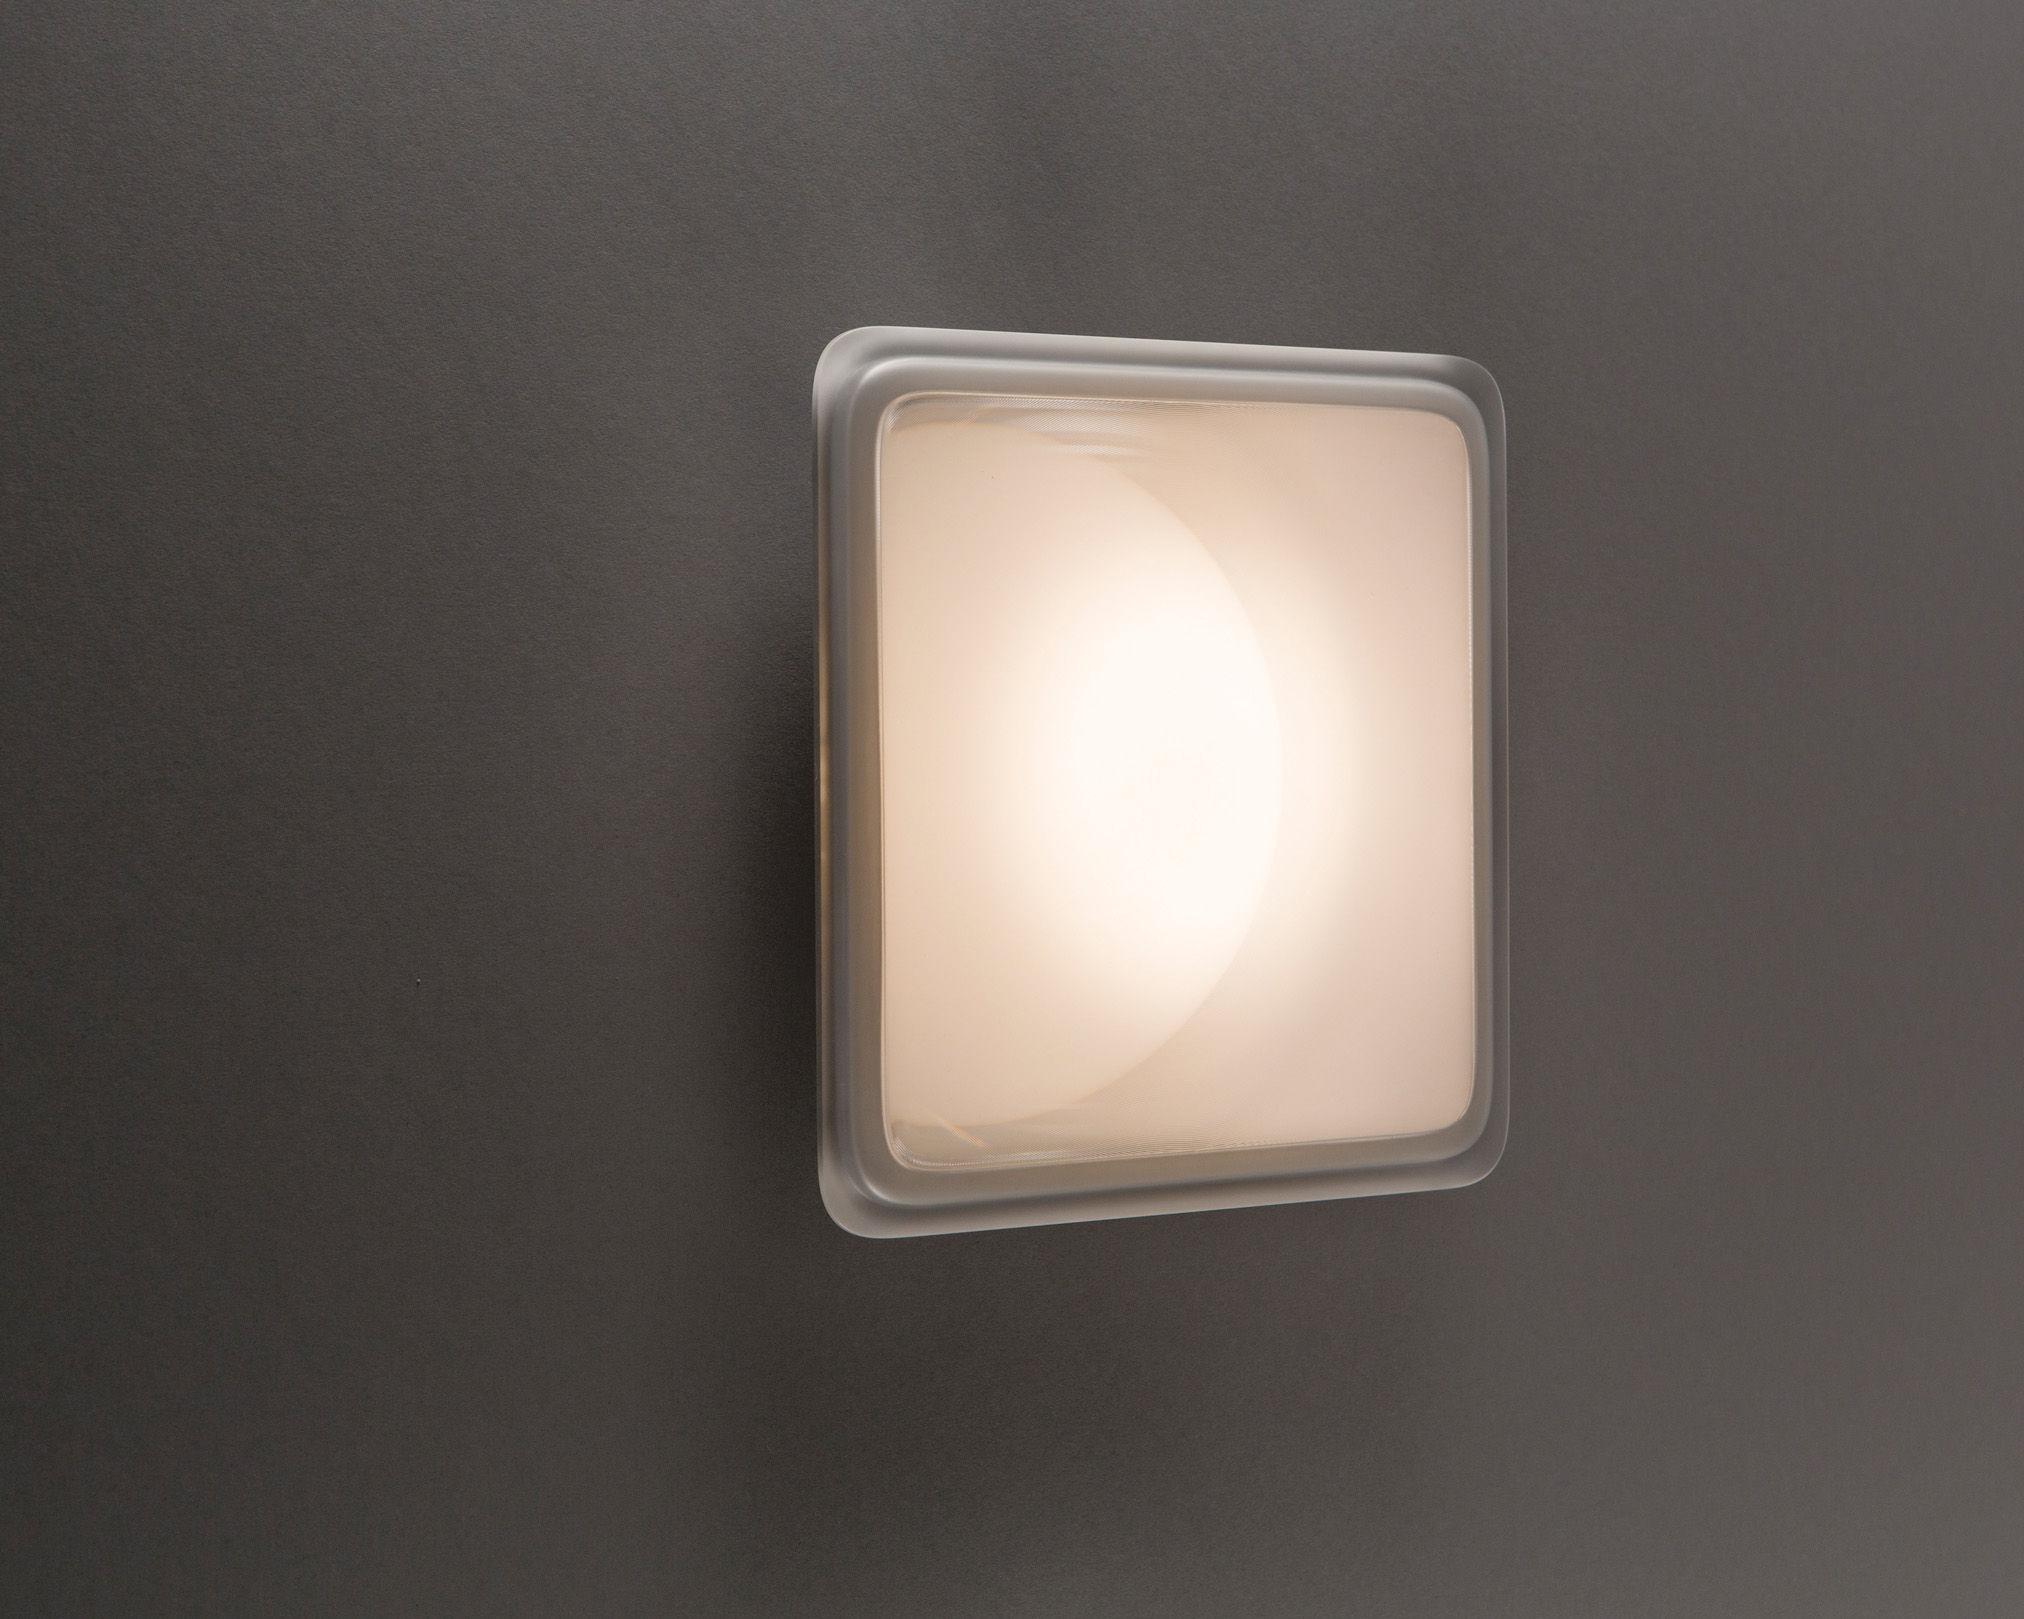 Applique d extérieur illusion led luceplan transparent blanc